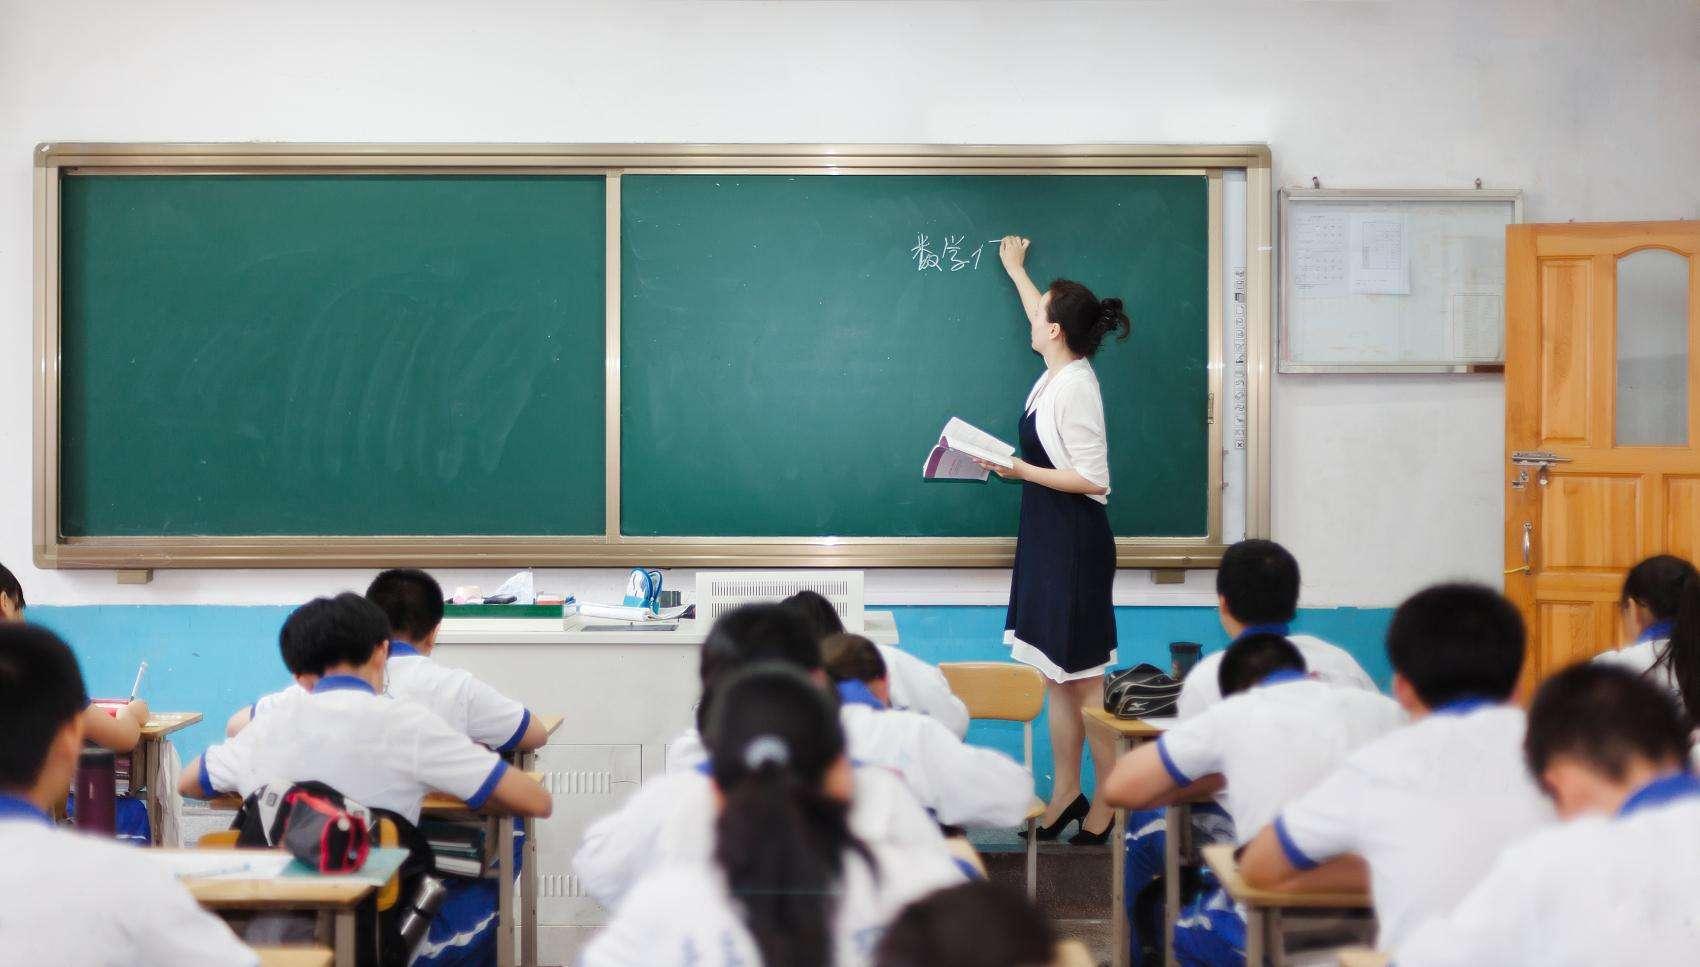 女儿成绩大幅下滑,长沙一家长将补习老师告上法院